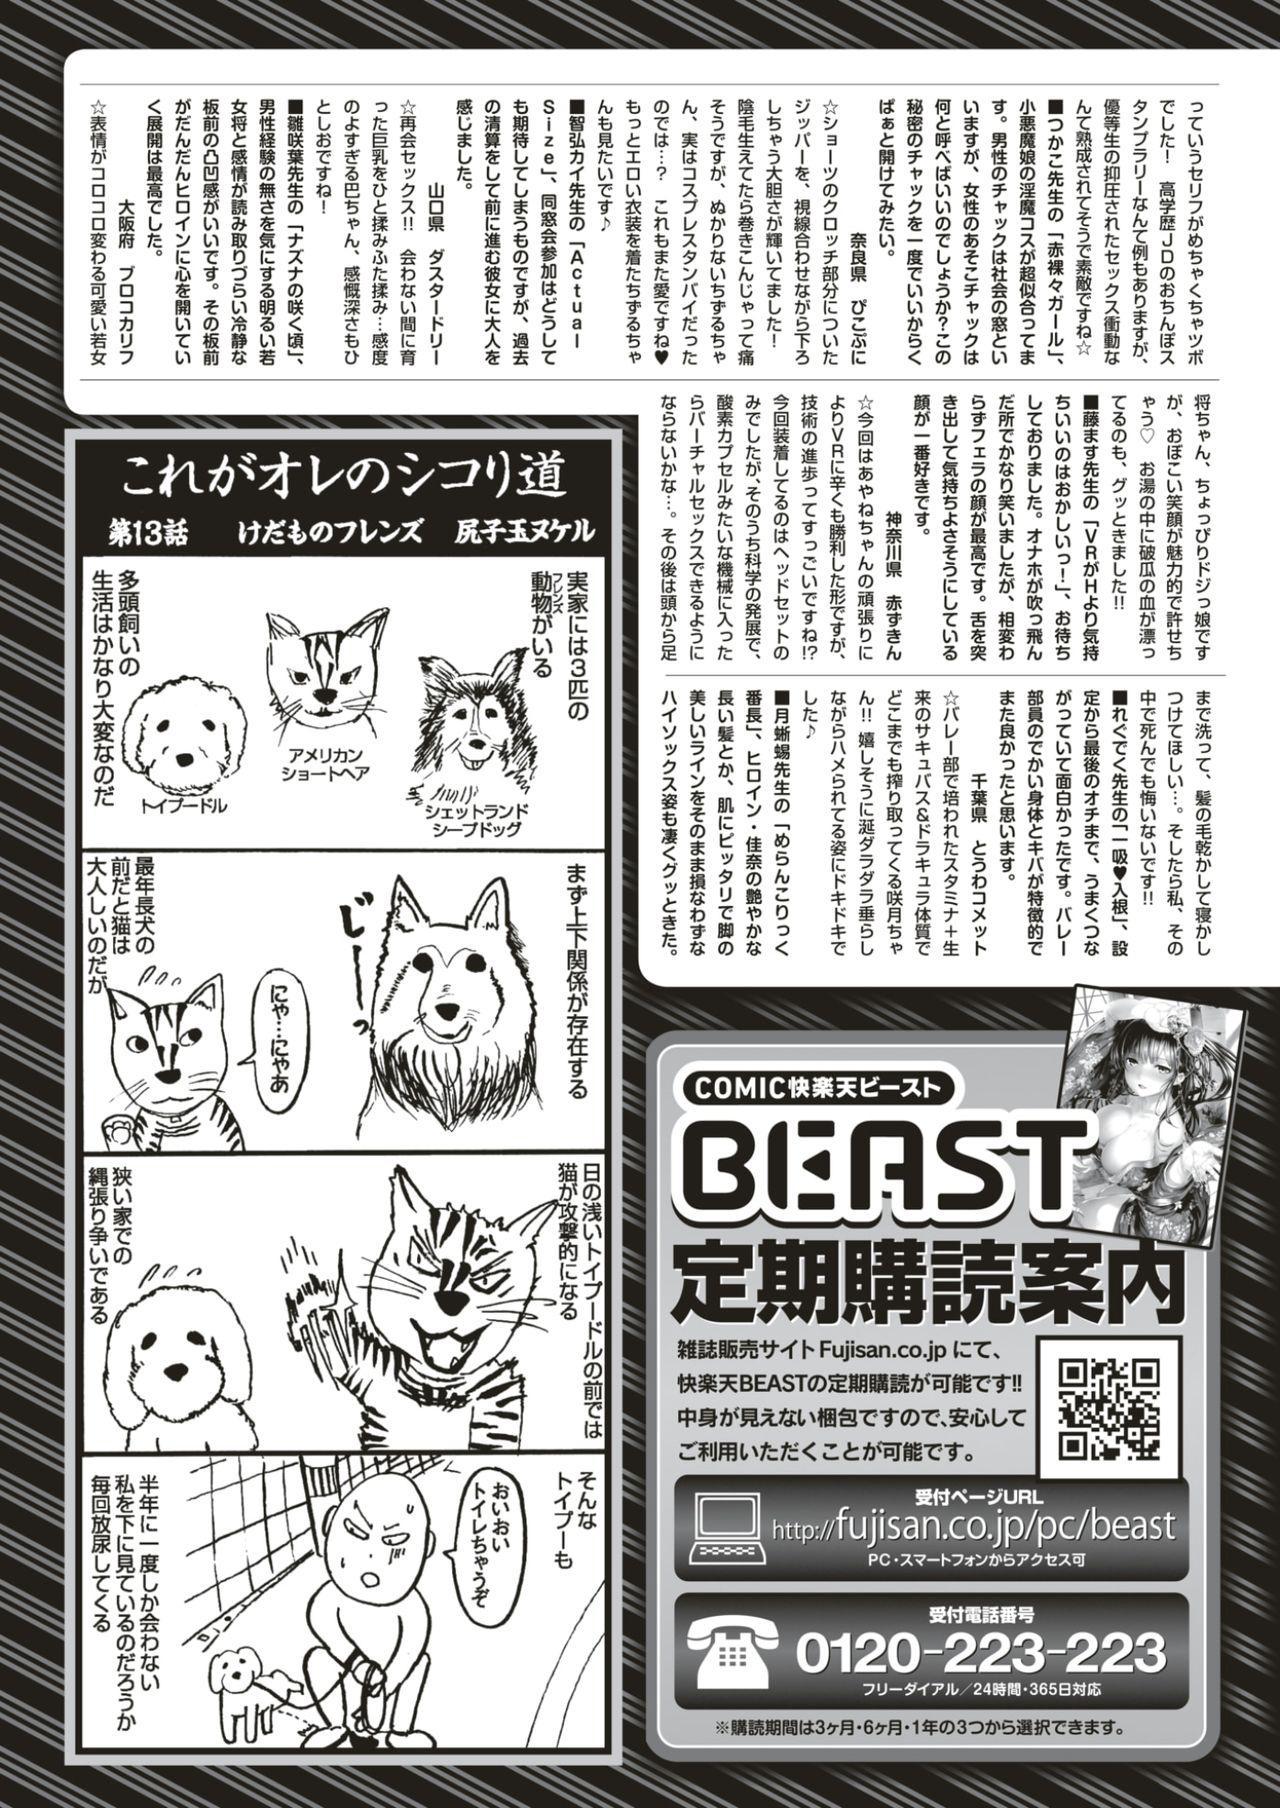 COMIC Kairakuten BEAST 2017-05 366